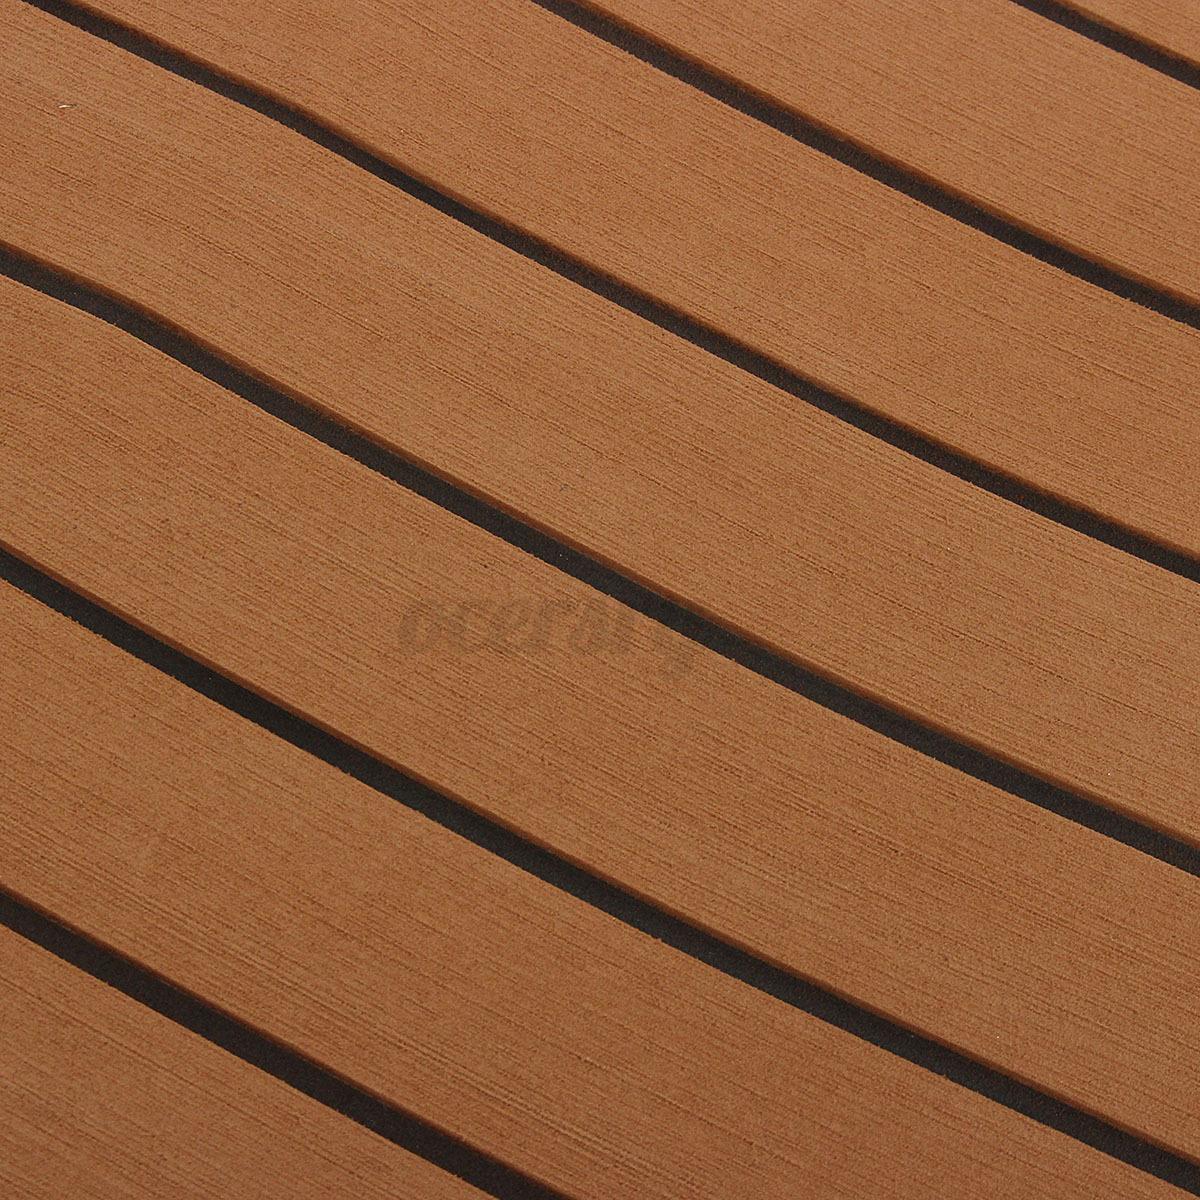 EVA-Bodenbelag-2400x1200x6mm-Fussboden-Teak-Flooring-Dunkelbraun-fuer-Yacht-Boot Indexbild 8